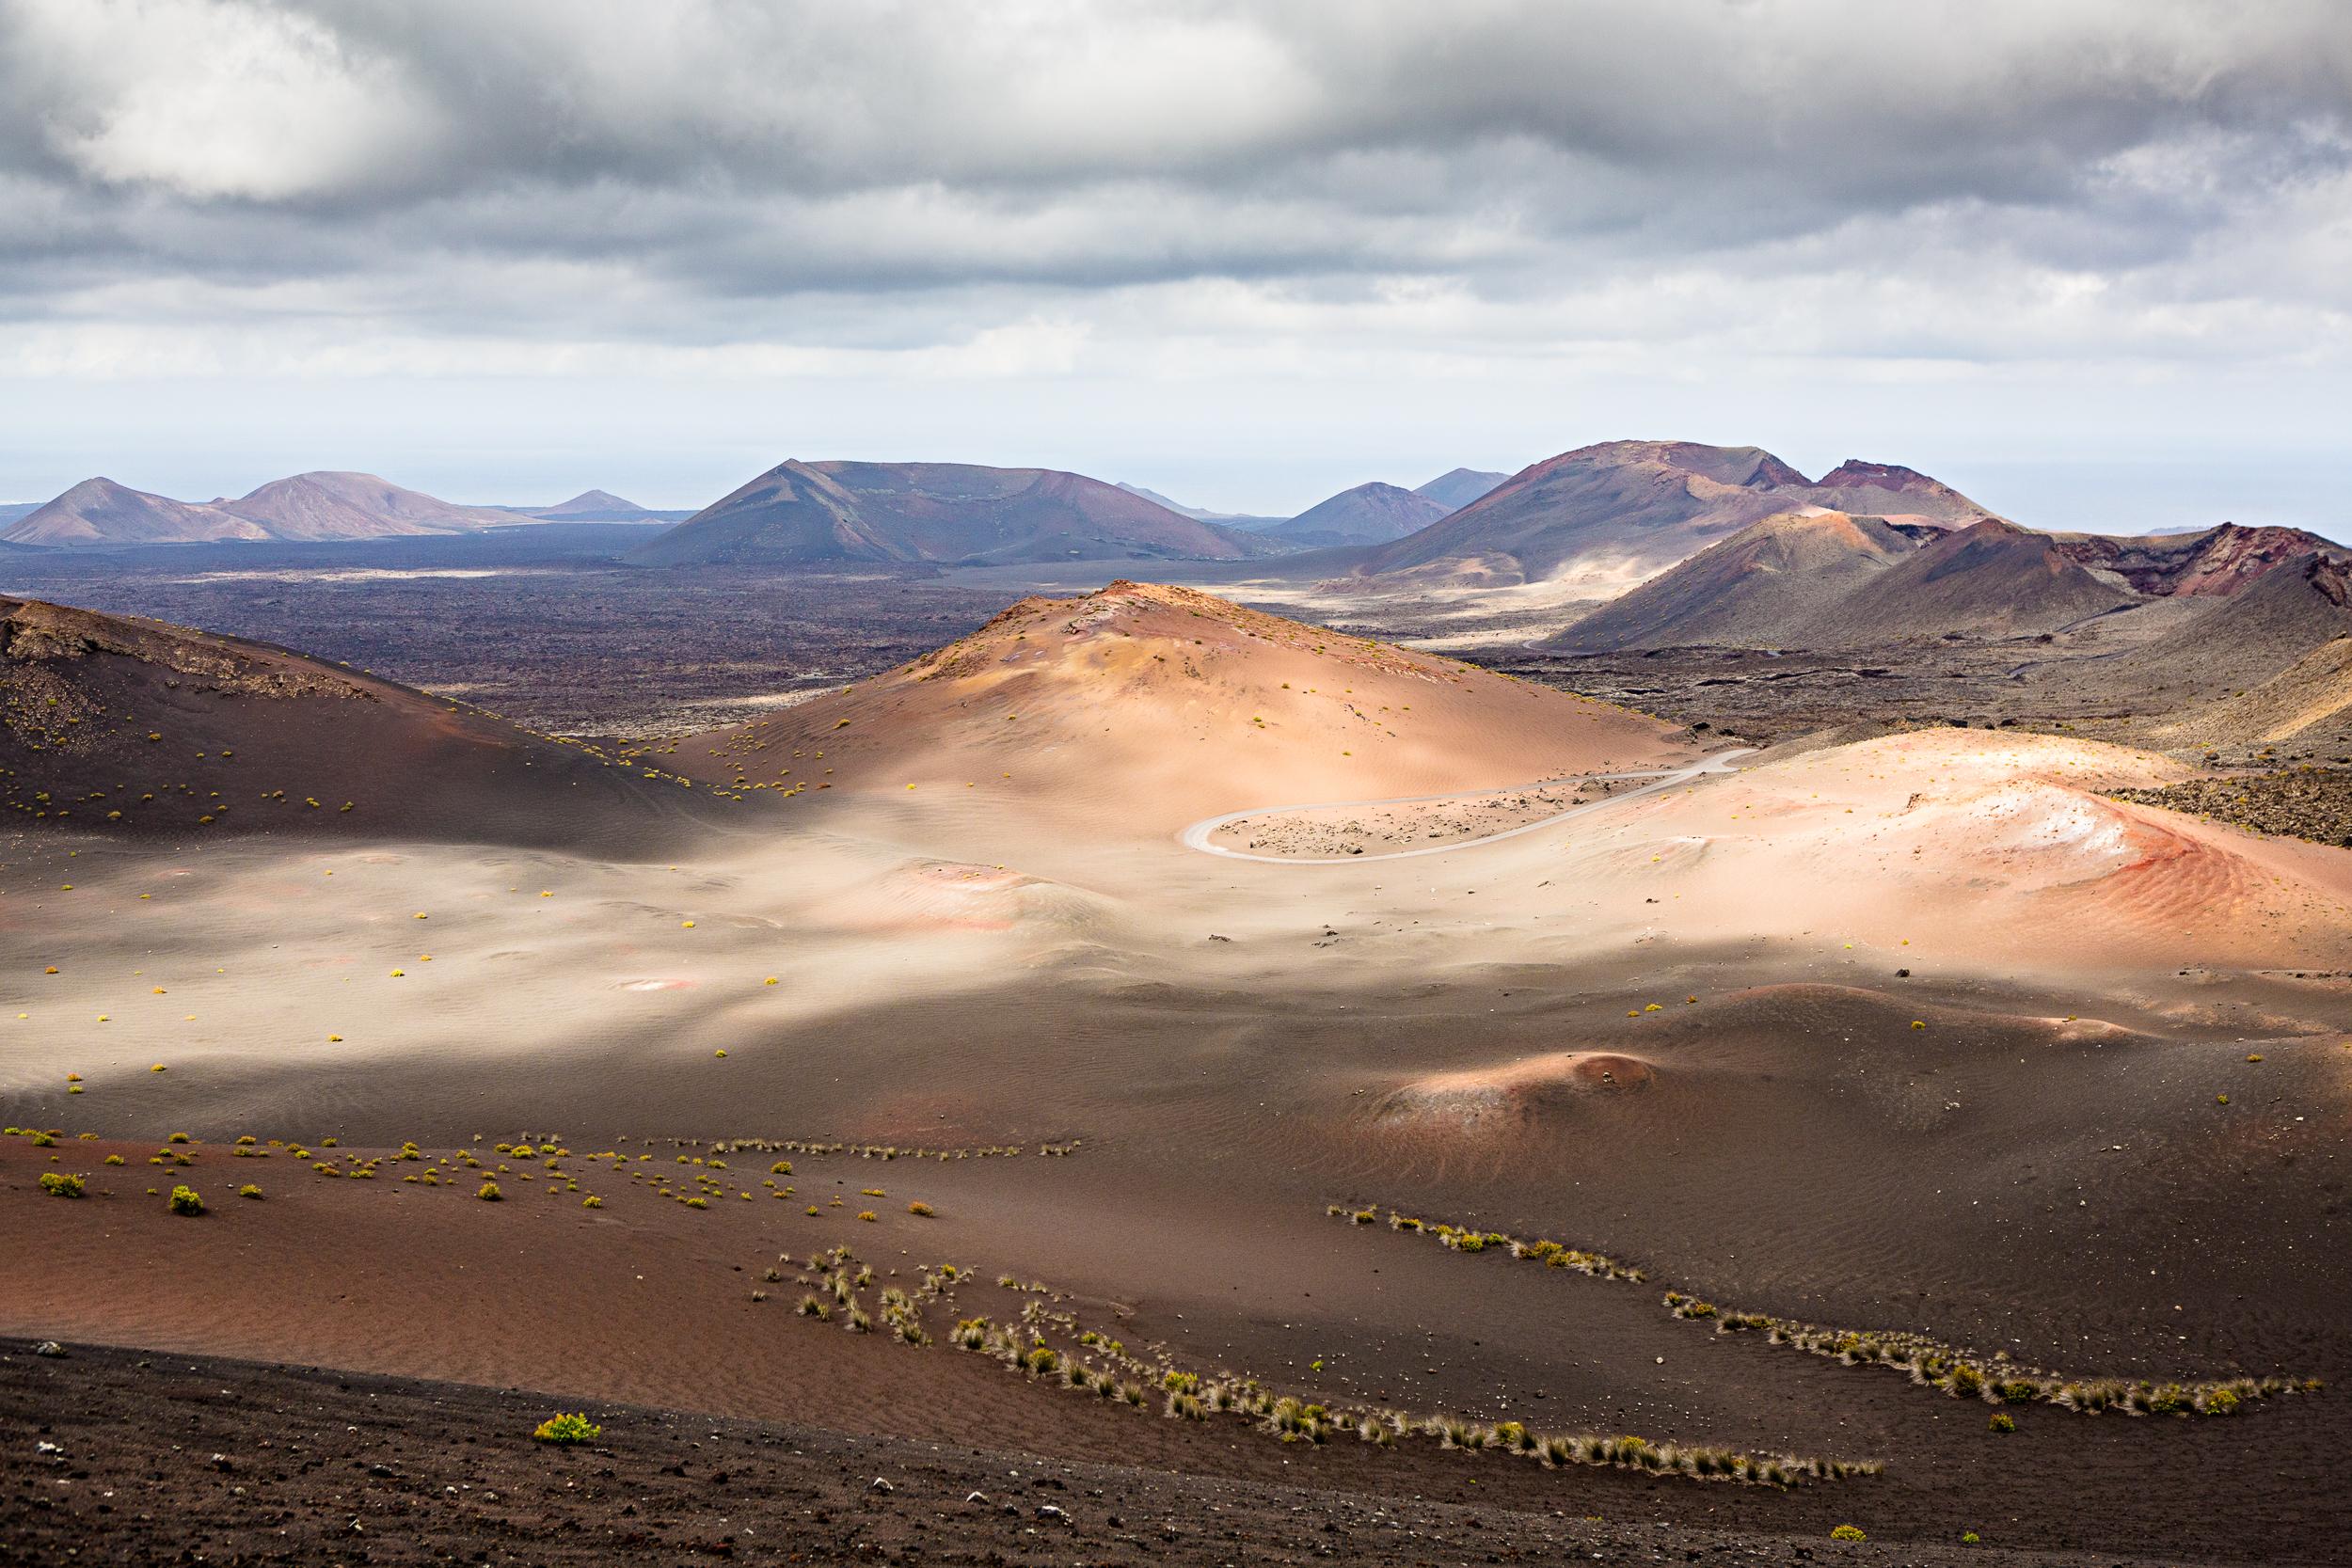 Les volcans de Timanfaya